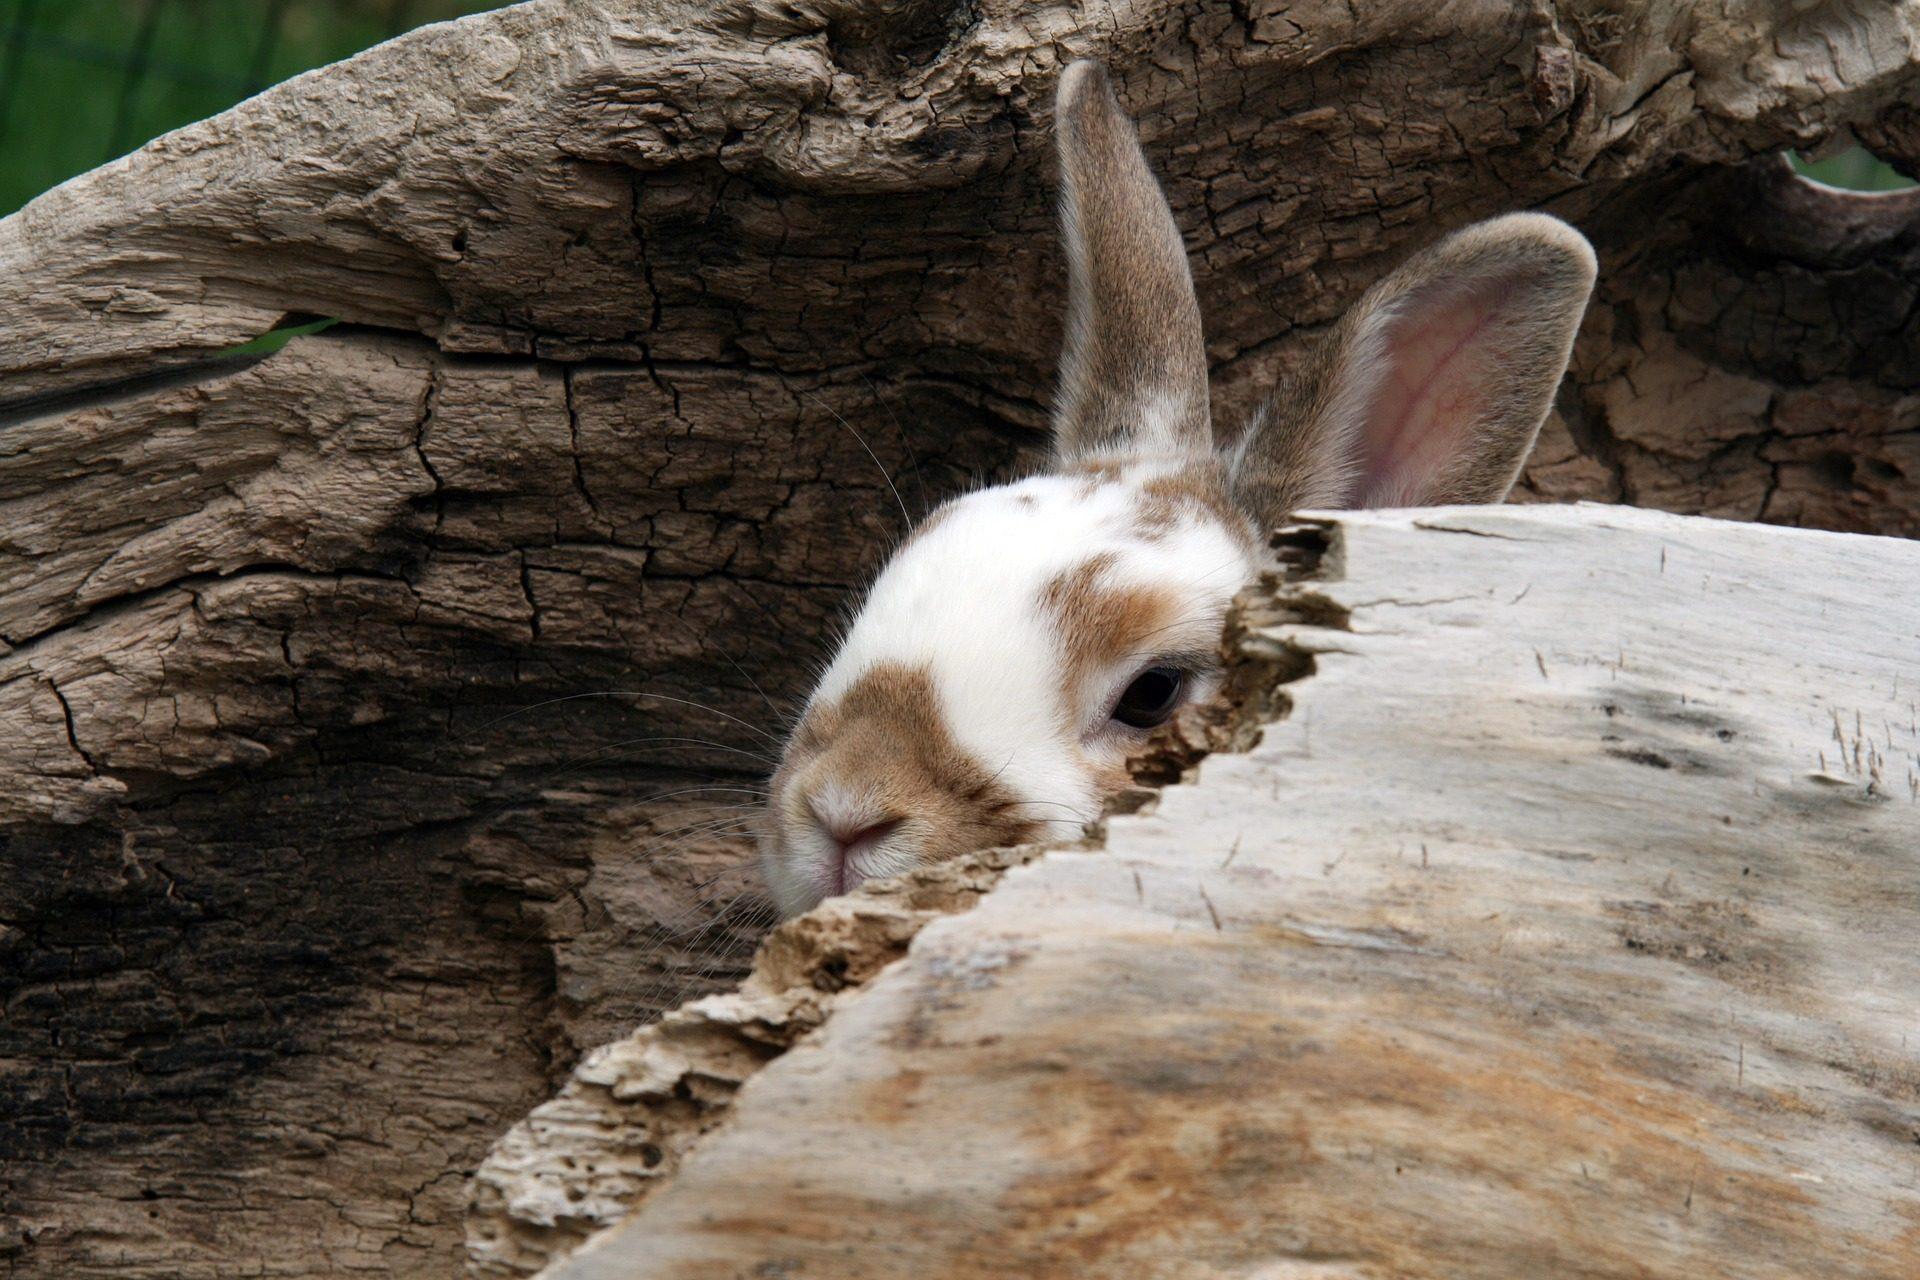 Coniglio, Tana, nascosta, orecchie, pelliccia - Sfondi HD - Professor-falken.com